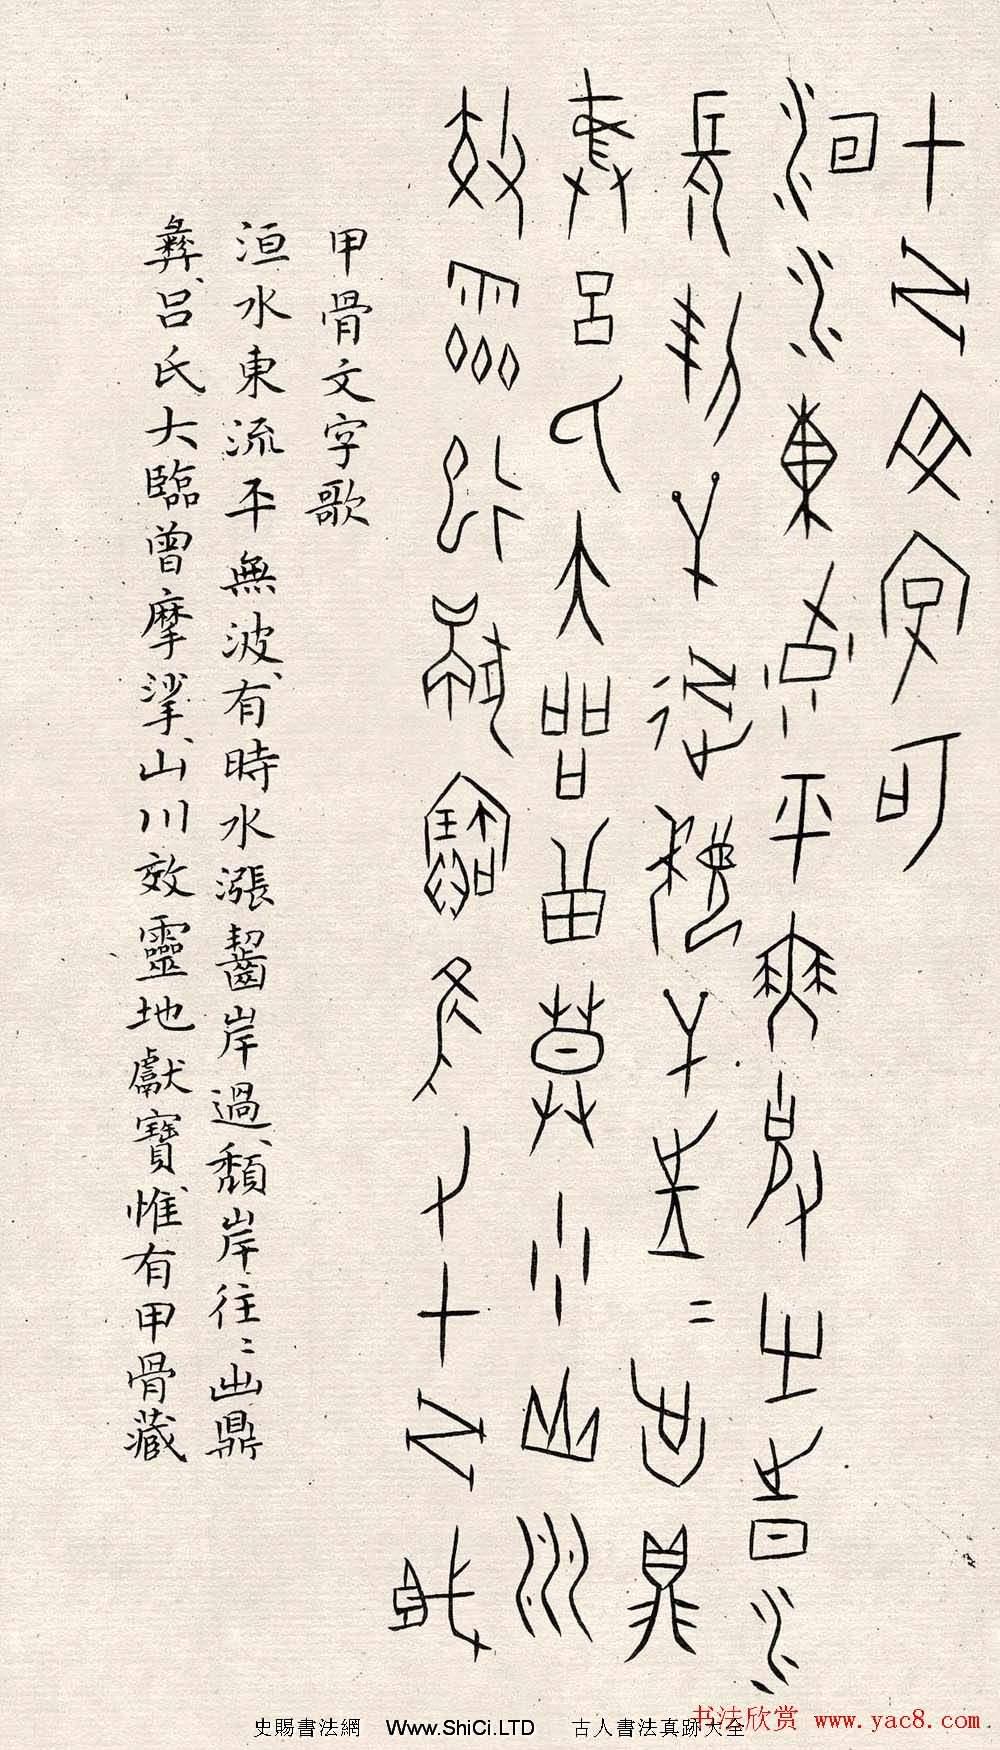 何崝書法字帖《甲骨文字歌》(共19張圖片)